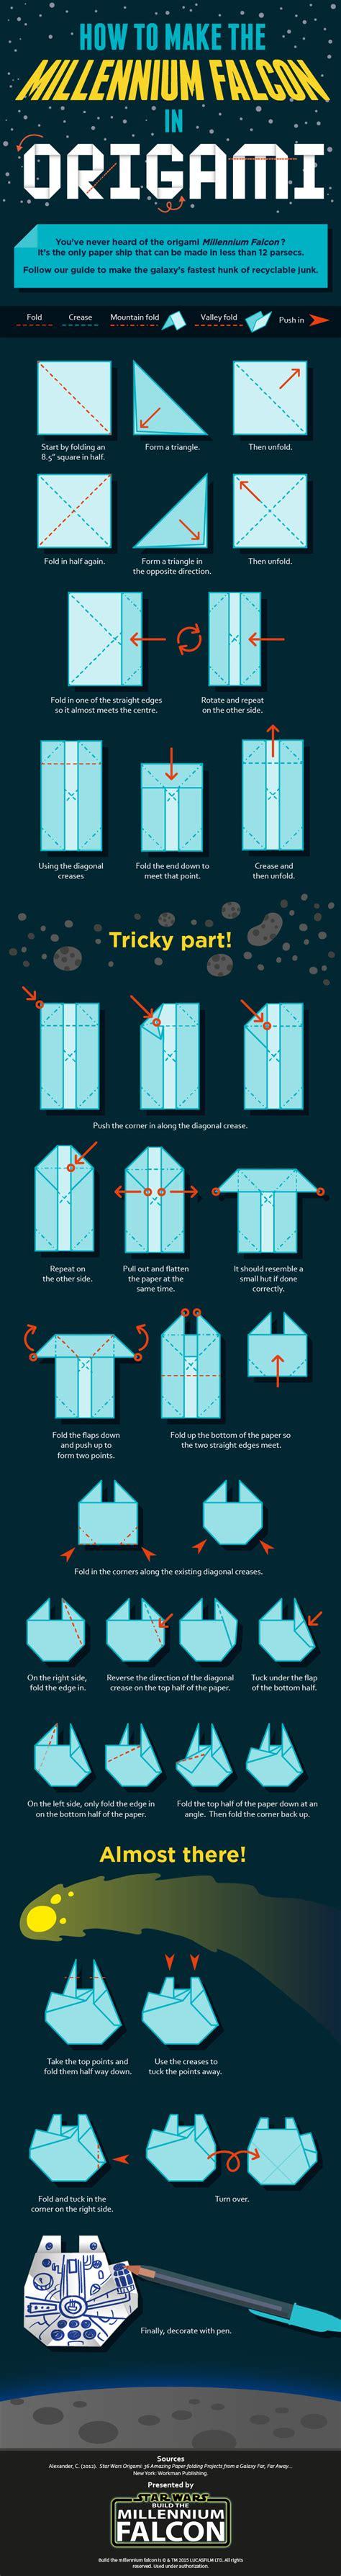 Origami Millenium Falcon - wars trek origami fandom s delight